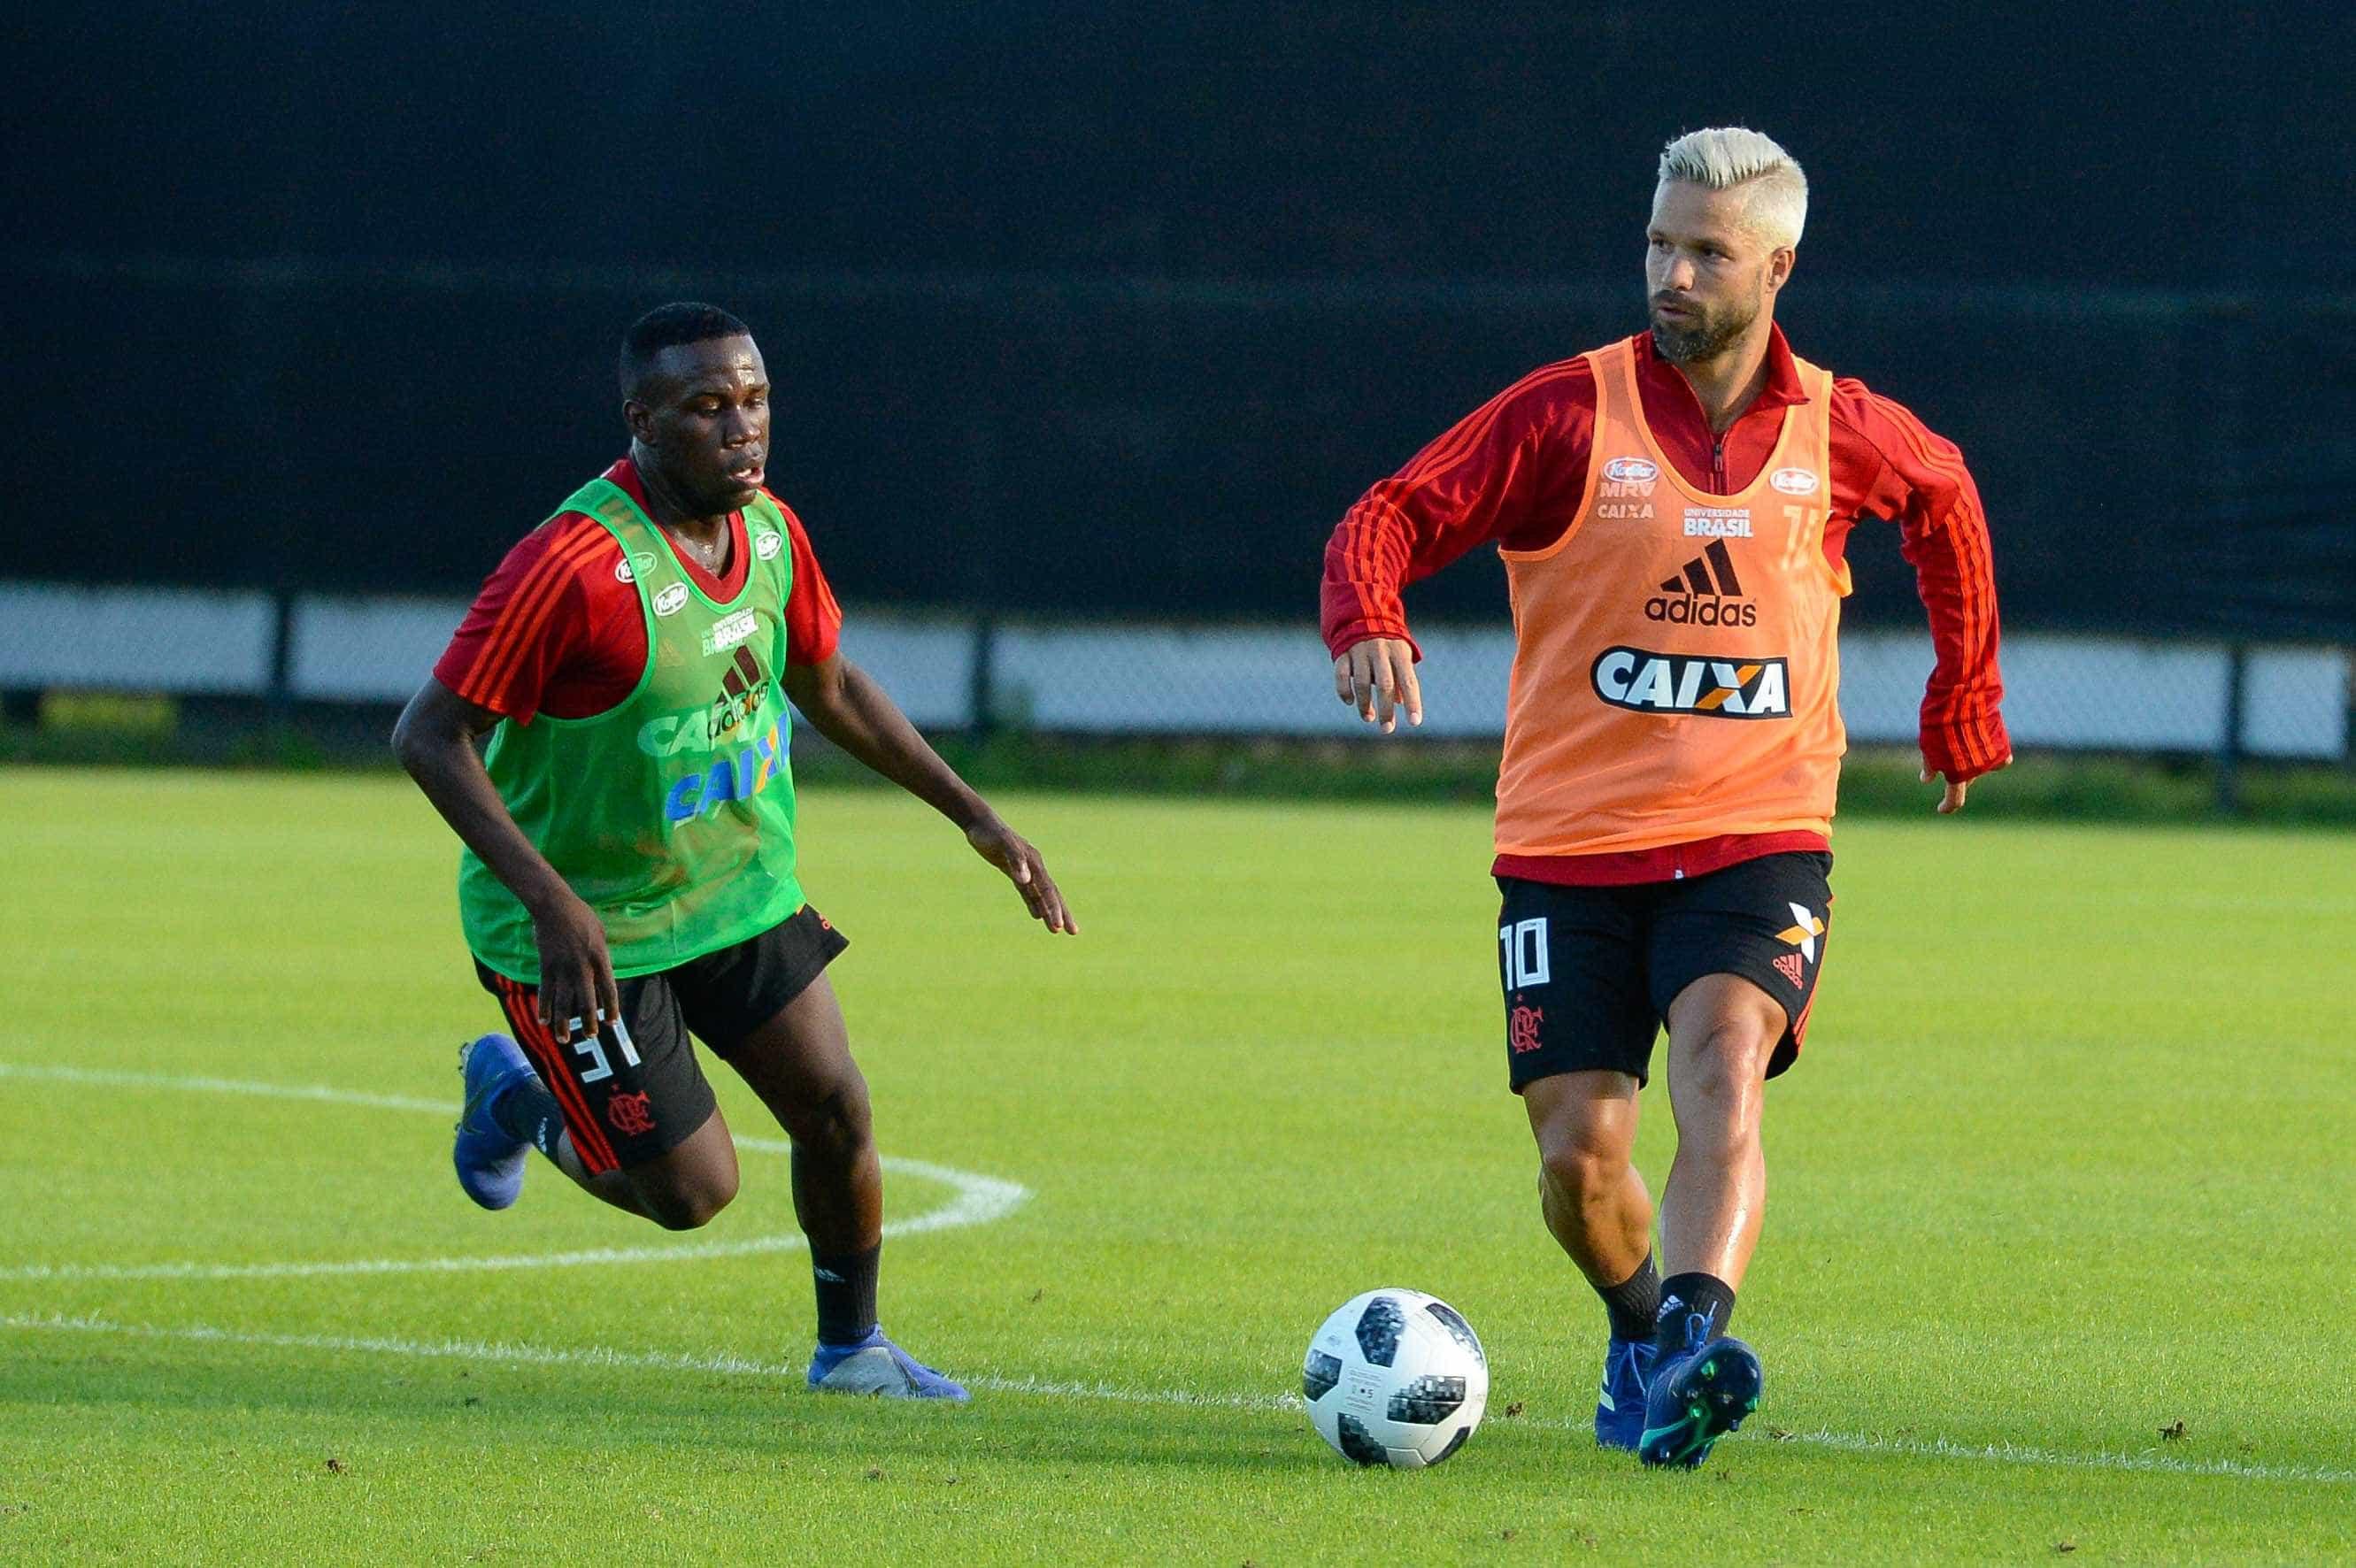 Com camisa 9 vaga, Flamengo define numeração fixa para esta temporada